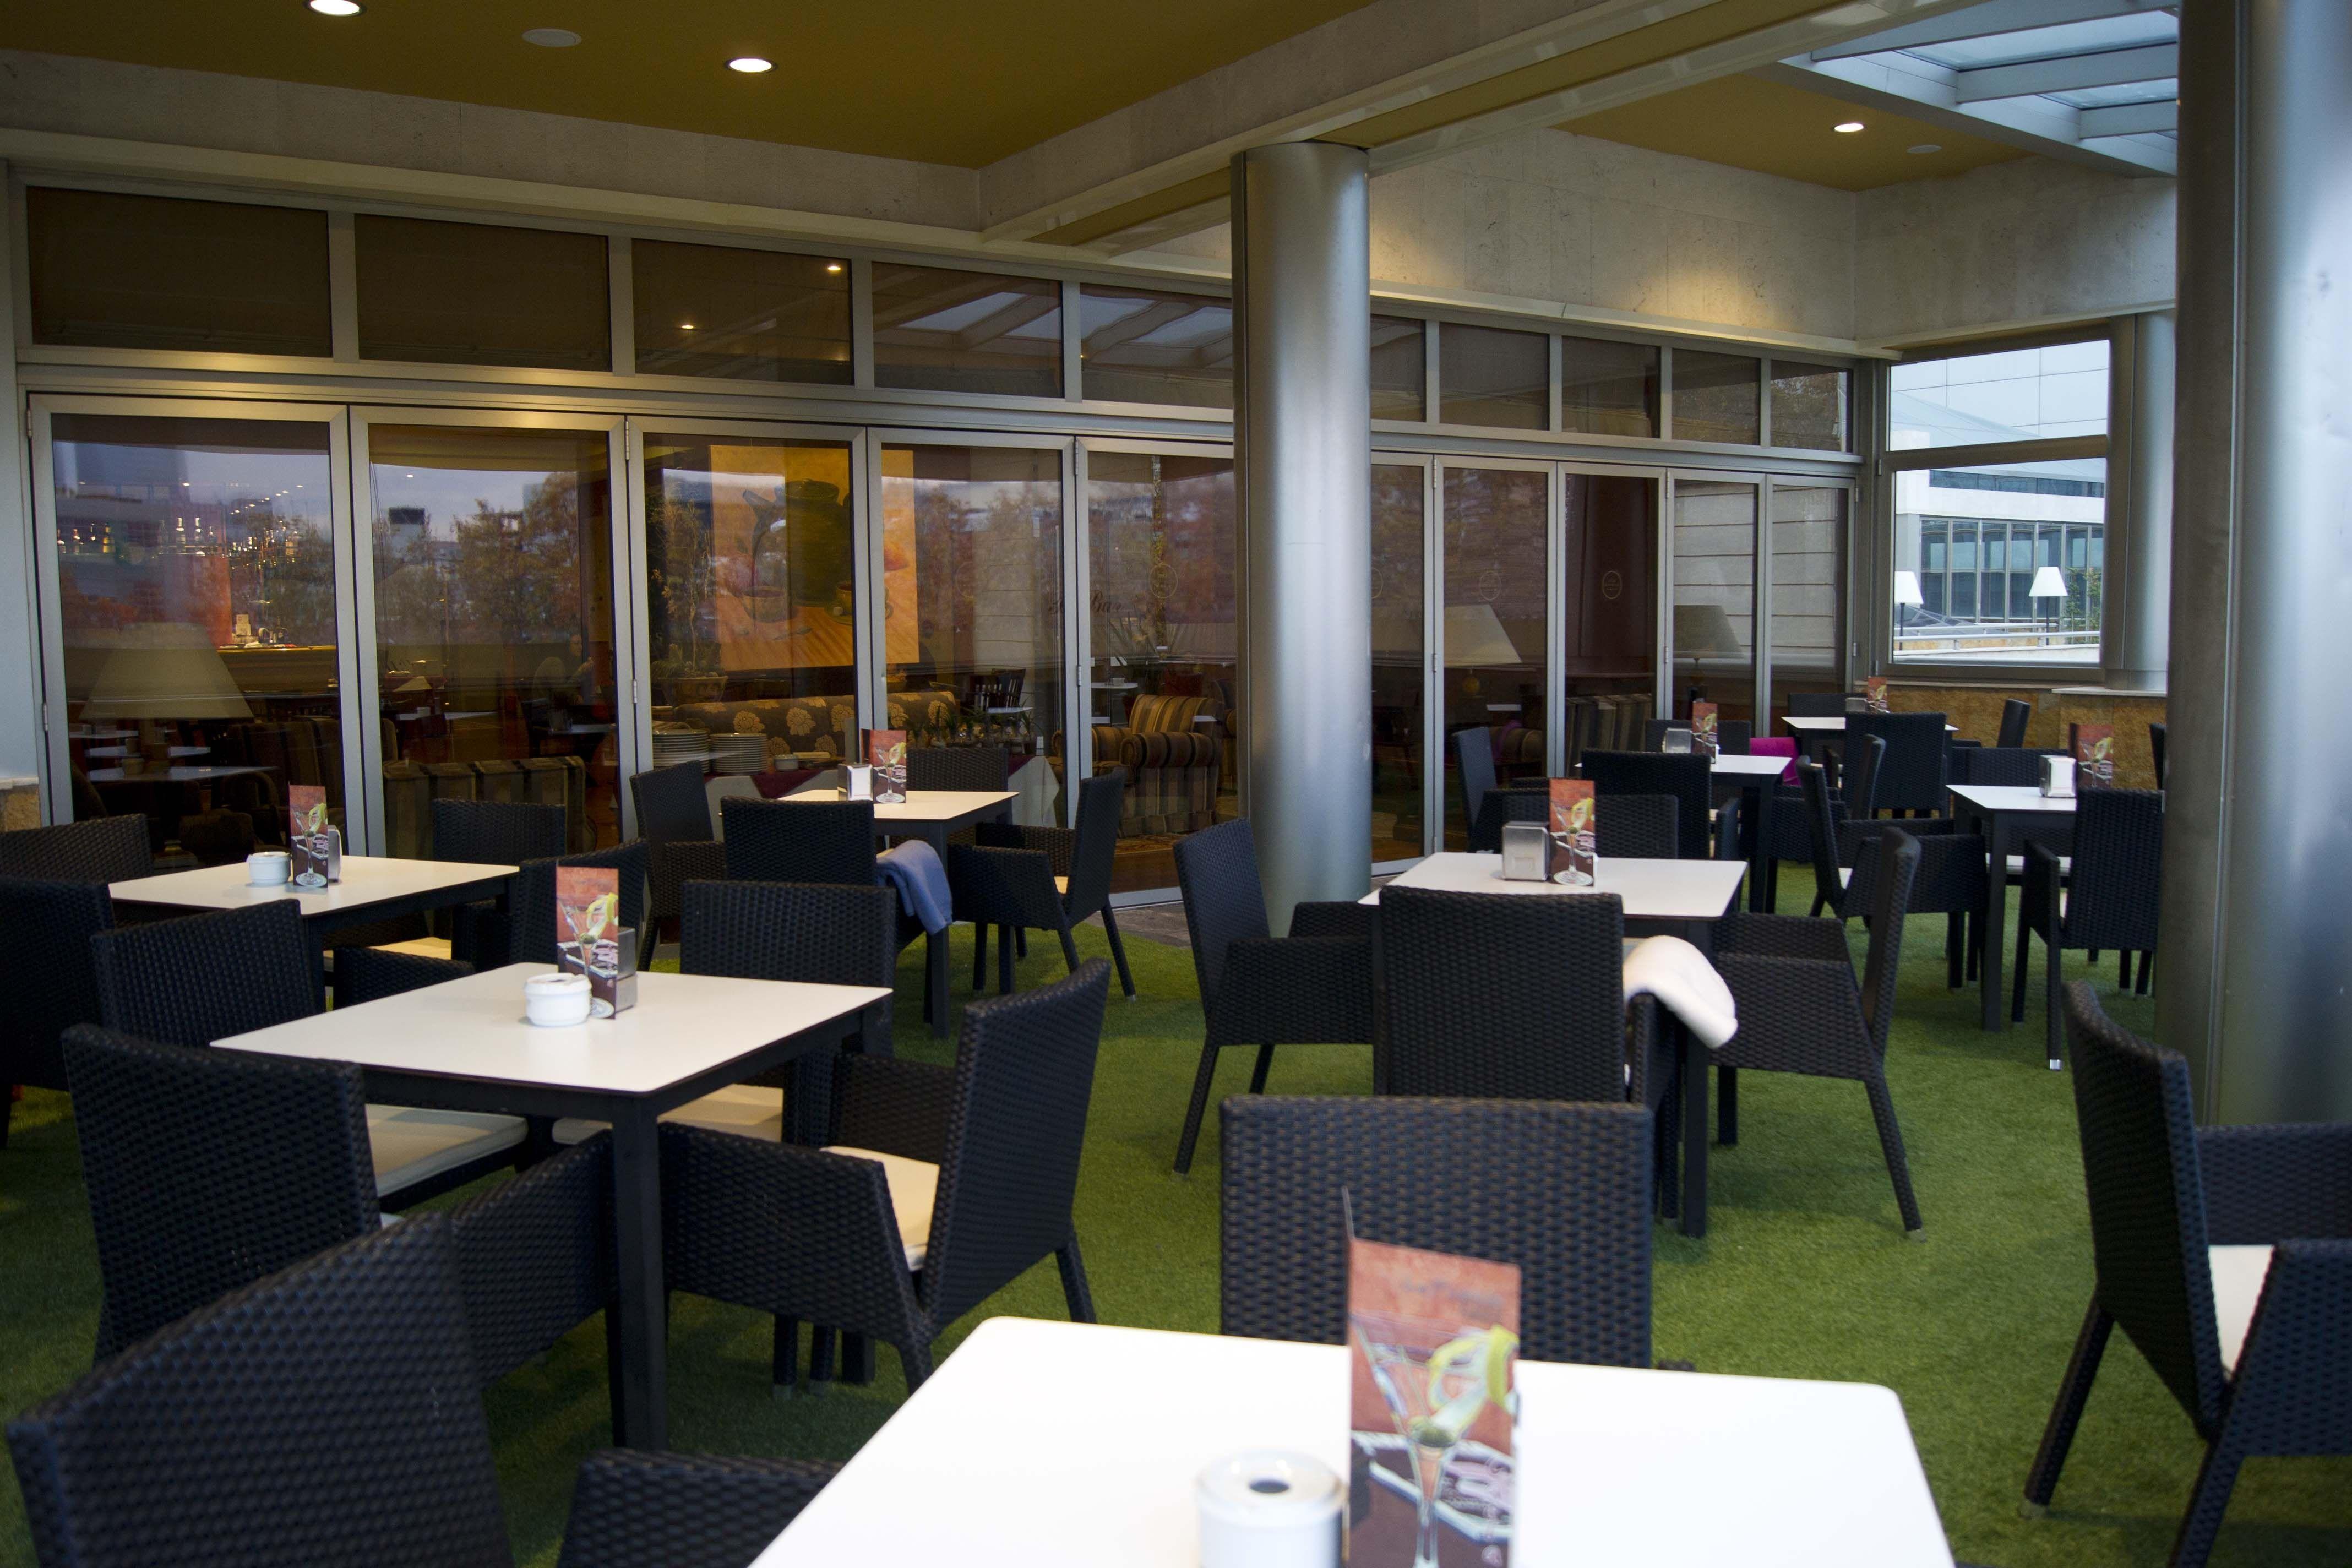 Terraza Climatizada Para Fumadores En La Cafeteria Del Hotel Villamadrid Terraza Al Aire Libre Terrazas Chill Out Cocinas De Restaurantes